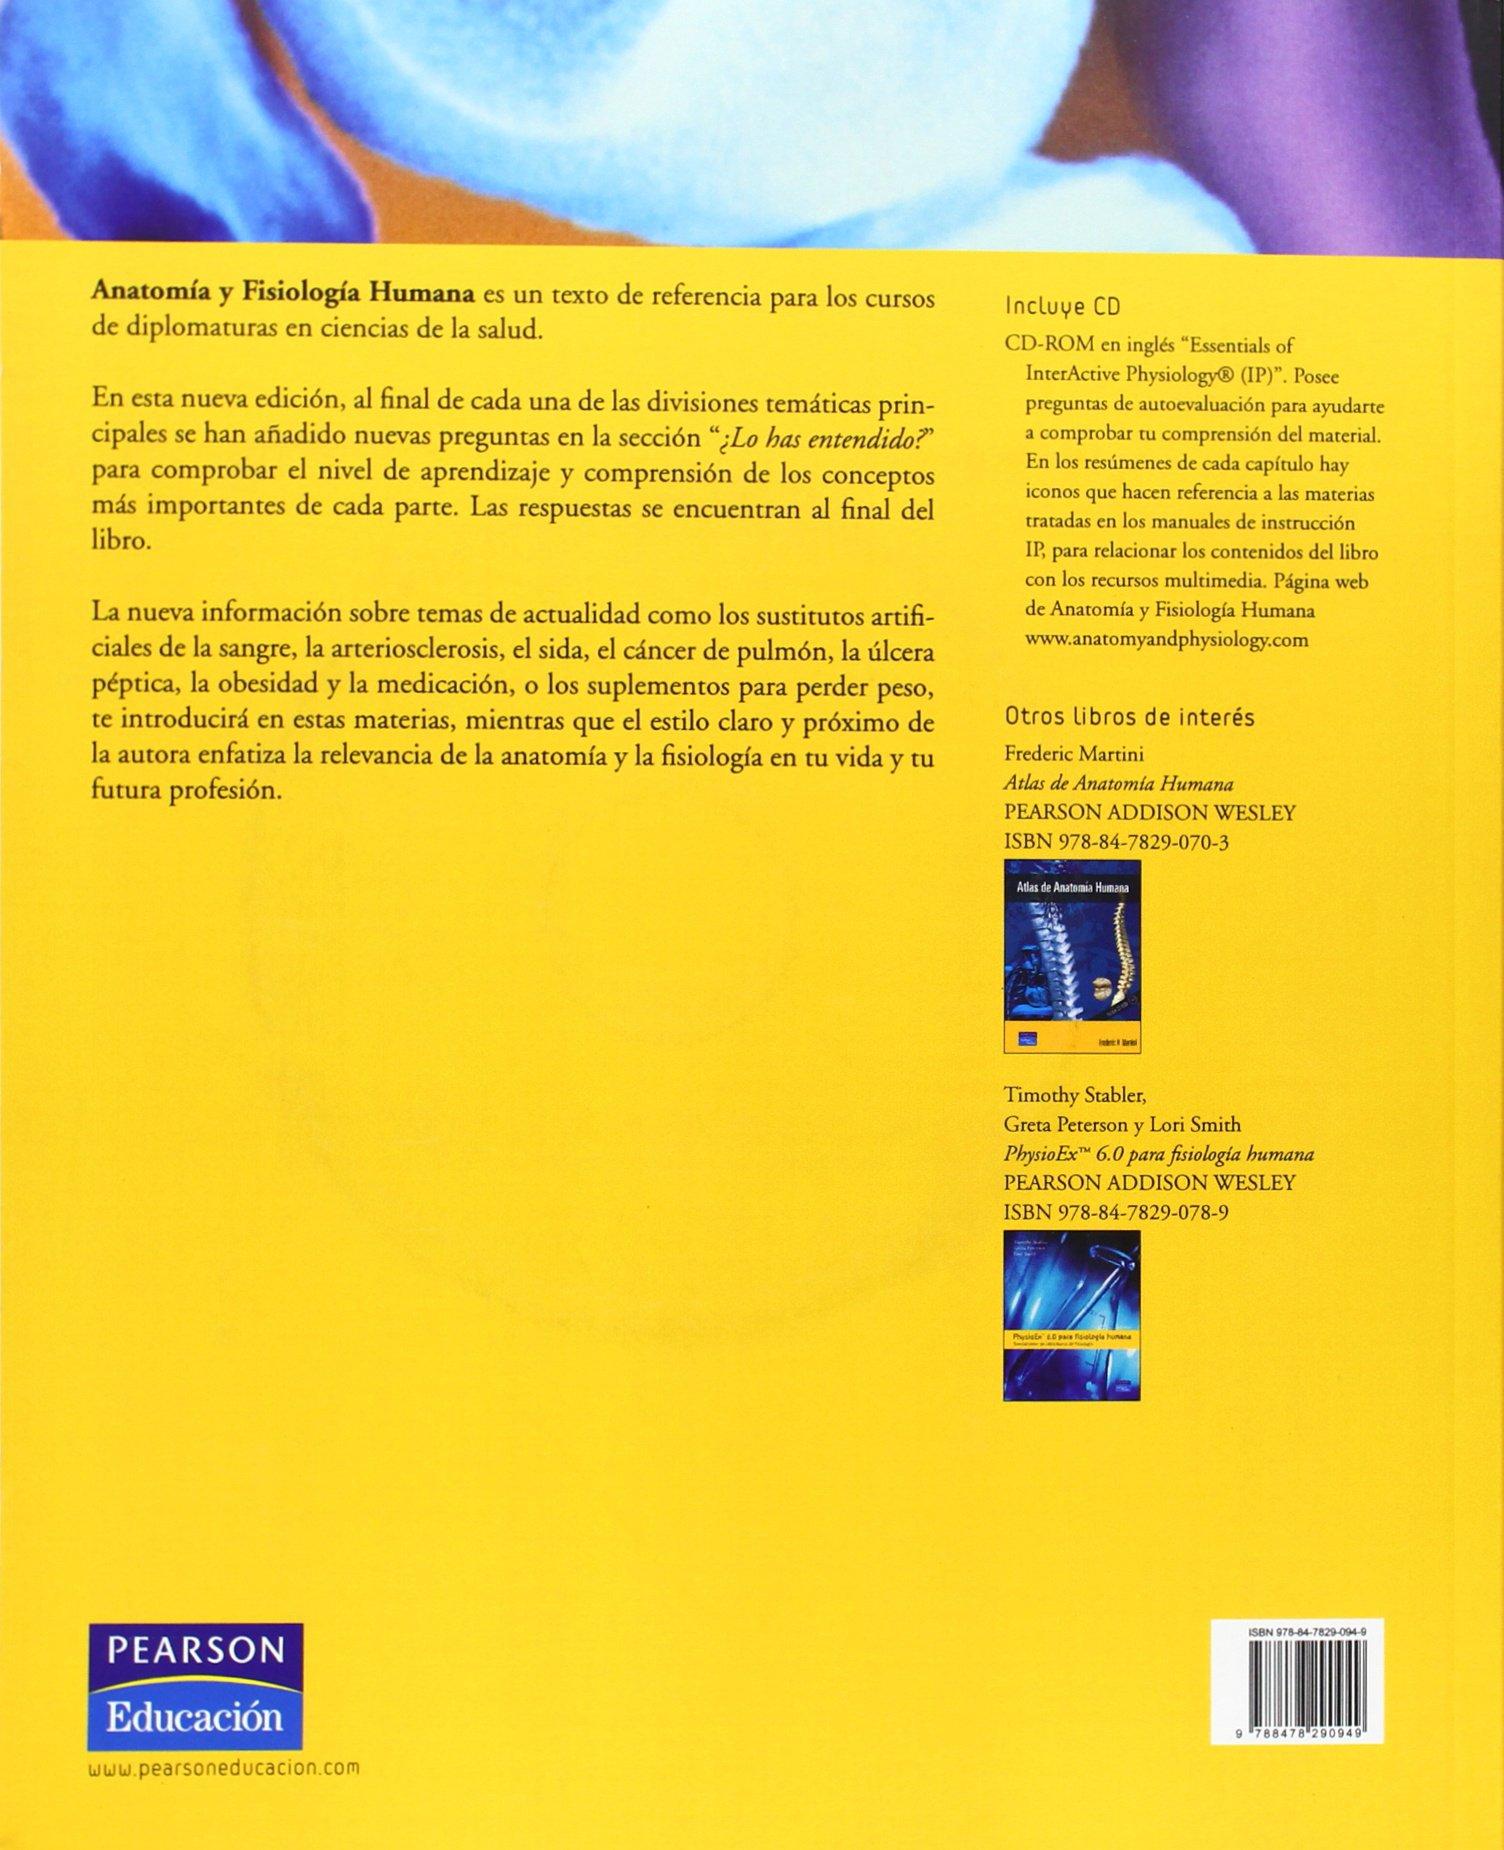 Anatomía y fisiología humana: Amazon.es: Elaine N. Marieb: Libros